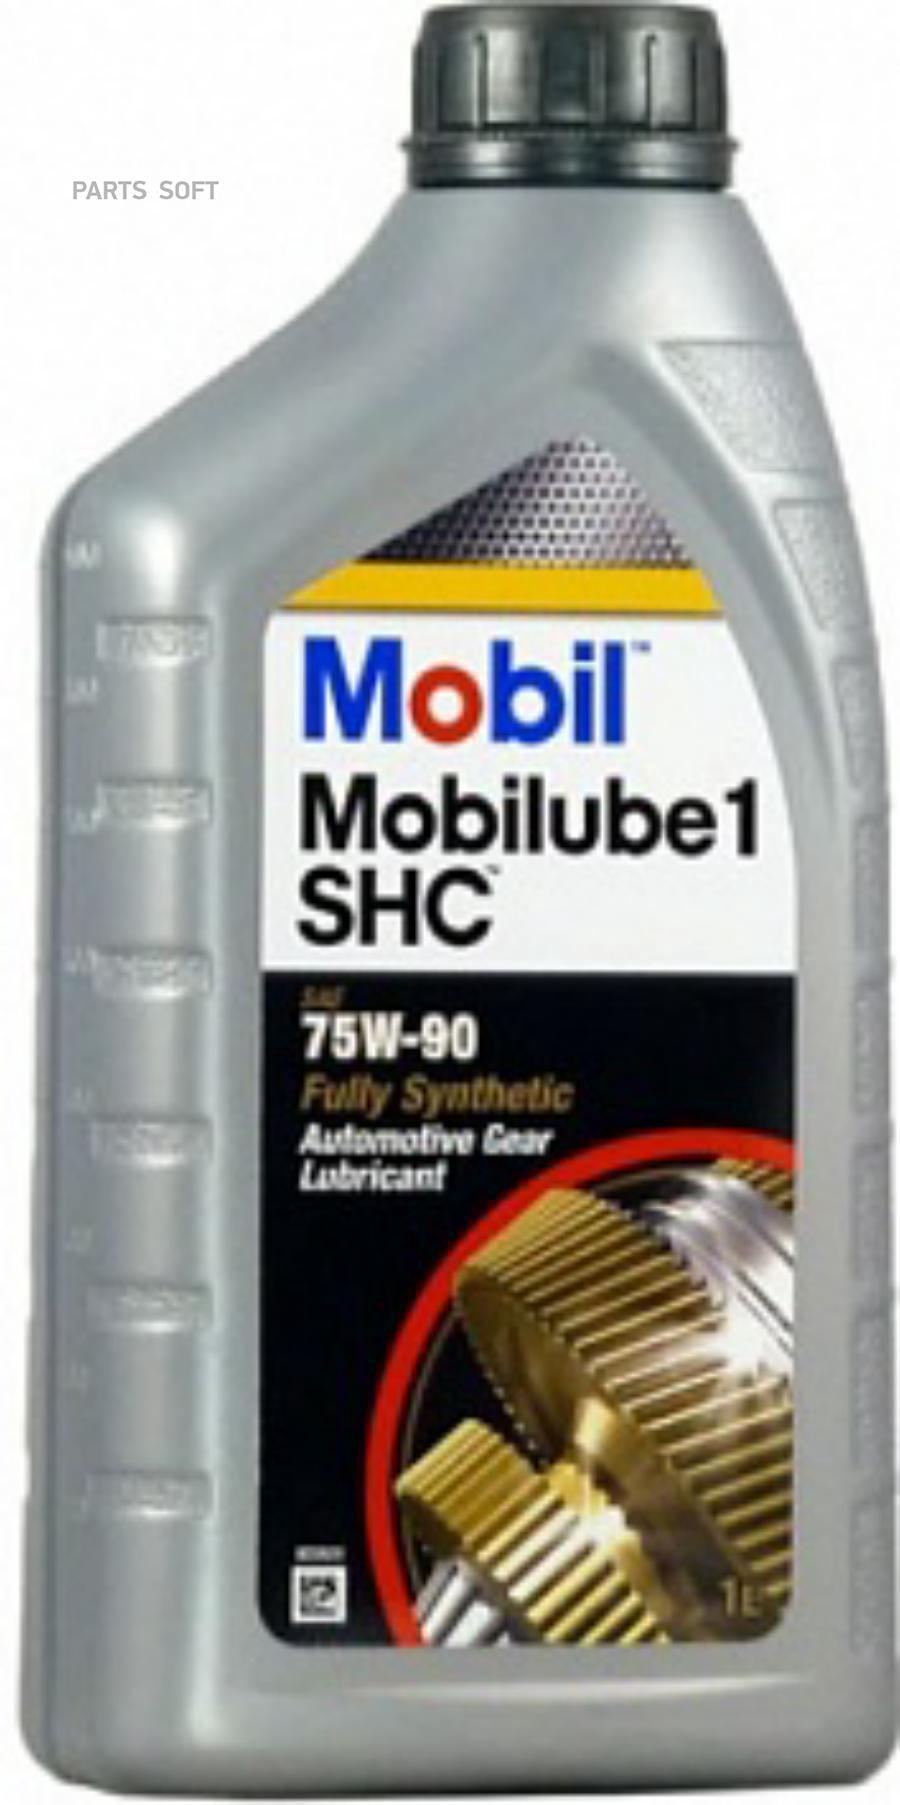 Масло трансмиссионное синтетическое MOBILUBE 1 SHC 75W-90, 1л